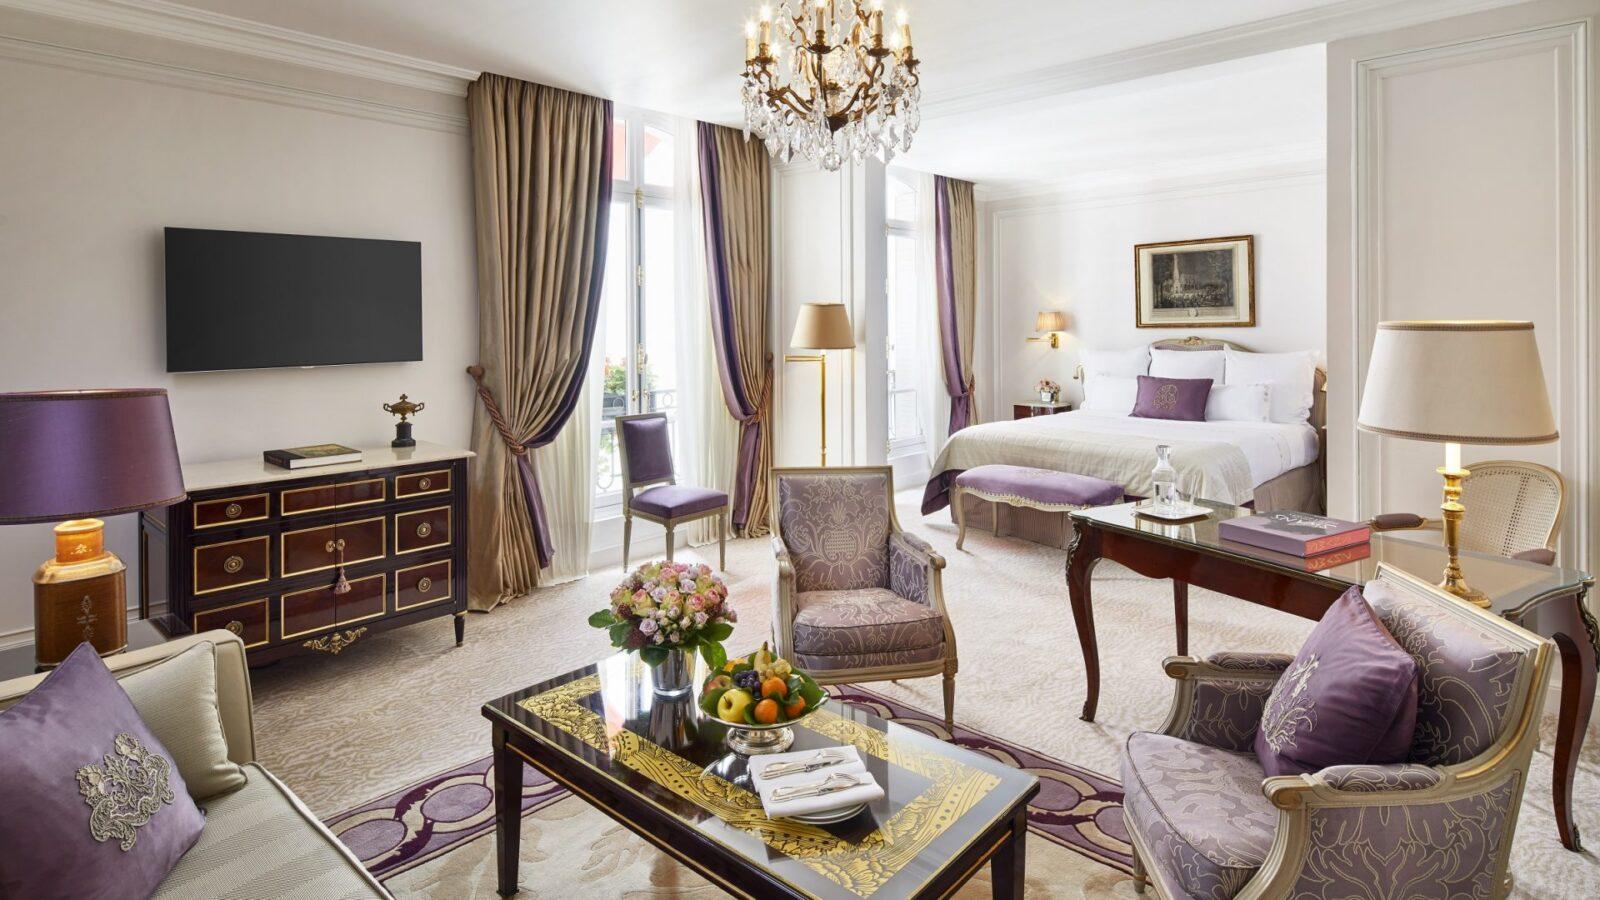 Junior suite paris h tel plaza ath n e dorchester - Salon prestige organza ...